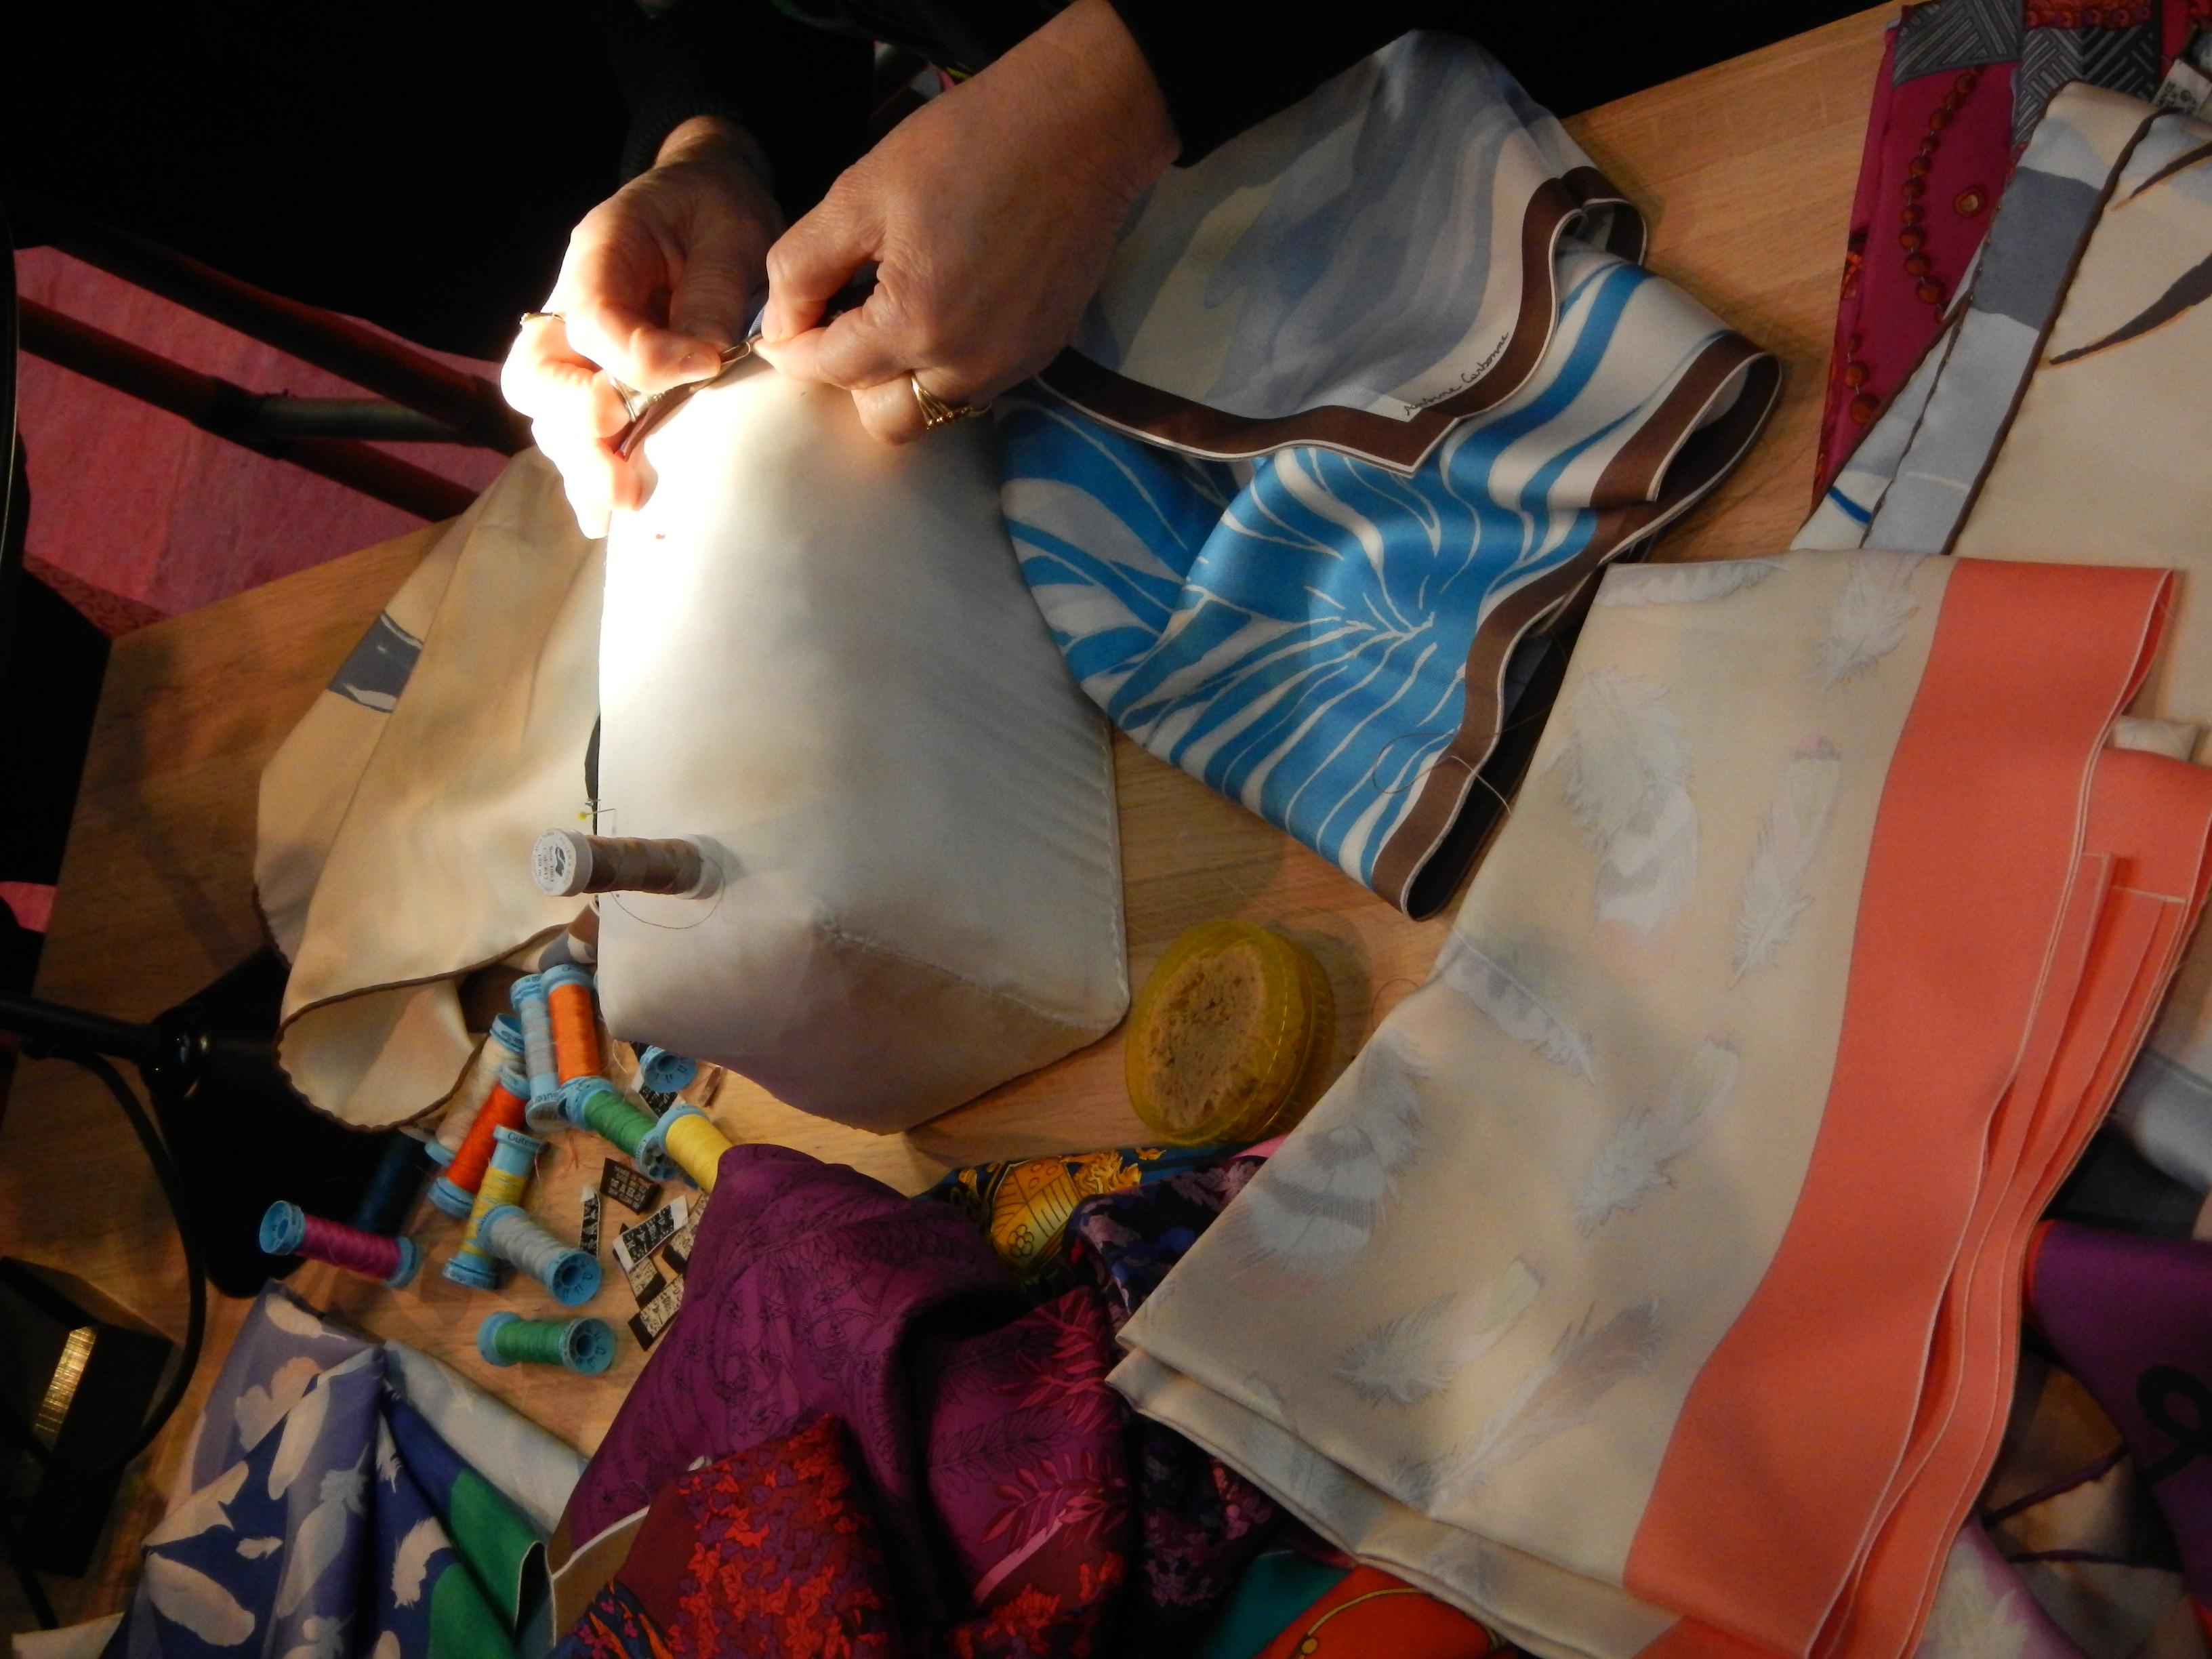 9e925591d05d Détail de la fabrication d une cravate Hermès avec la partie interne  utilisée comme rembourrage.